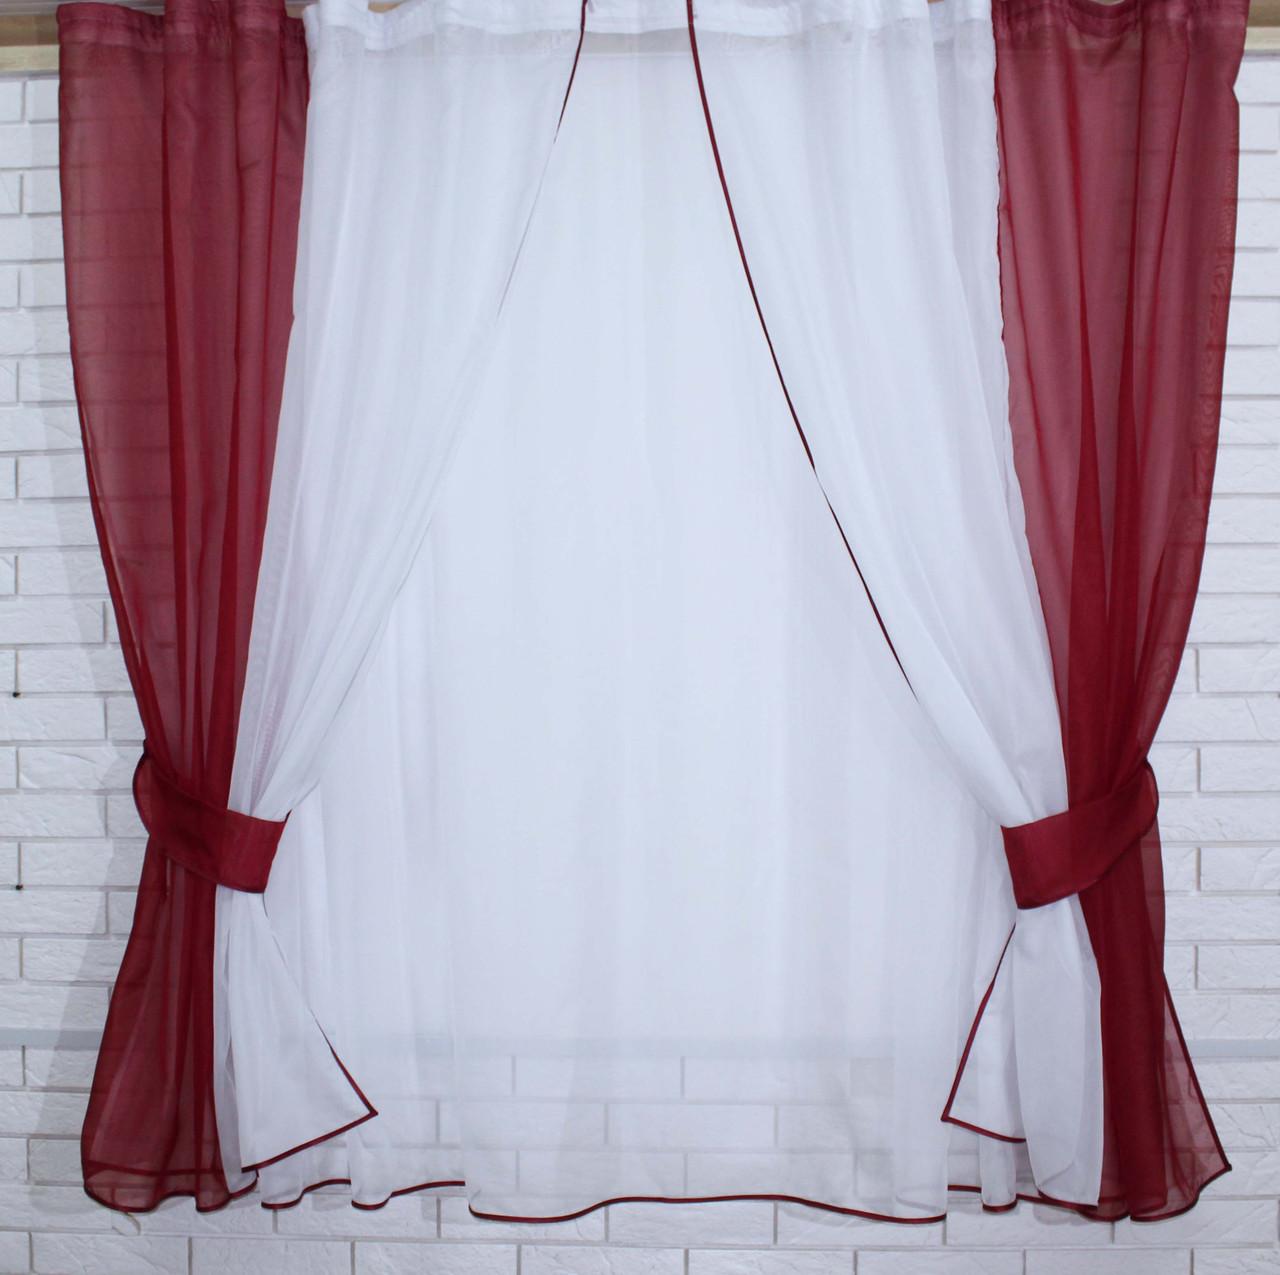 Комплект на кухню, тюль и шторки №38, Цвет бордовый с белым 50-032